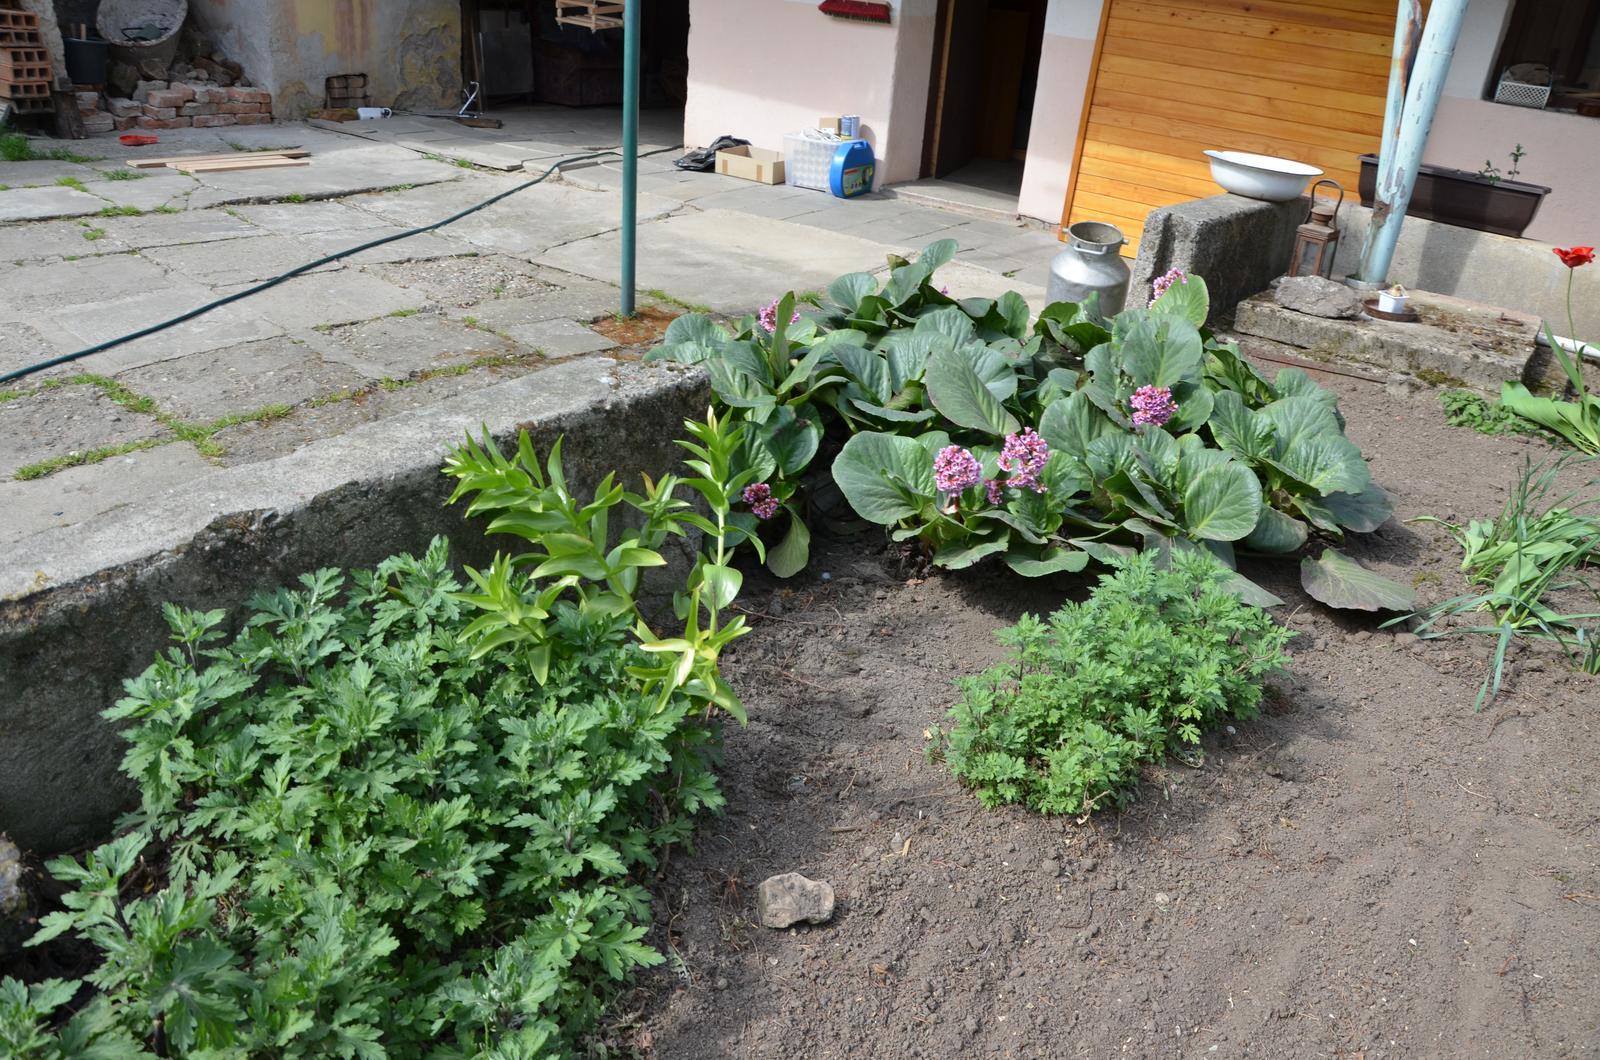 Vysněná zahrada... - zatím o tom vím prdlajs, ale měly by to být chryzantémy, nějaké lilie a bergenie....?